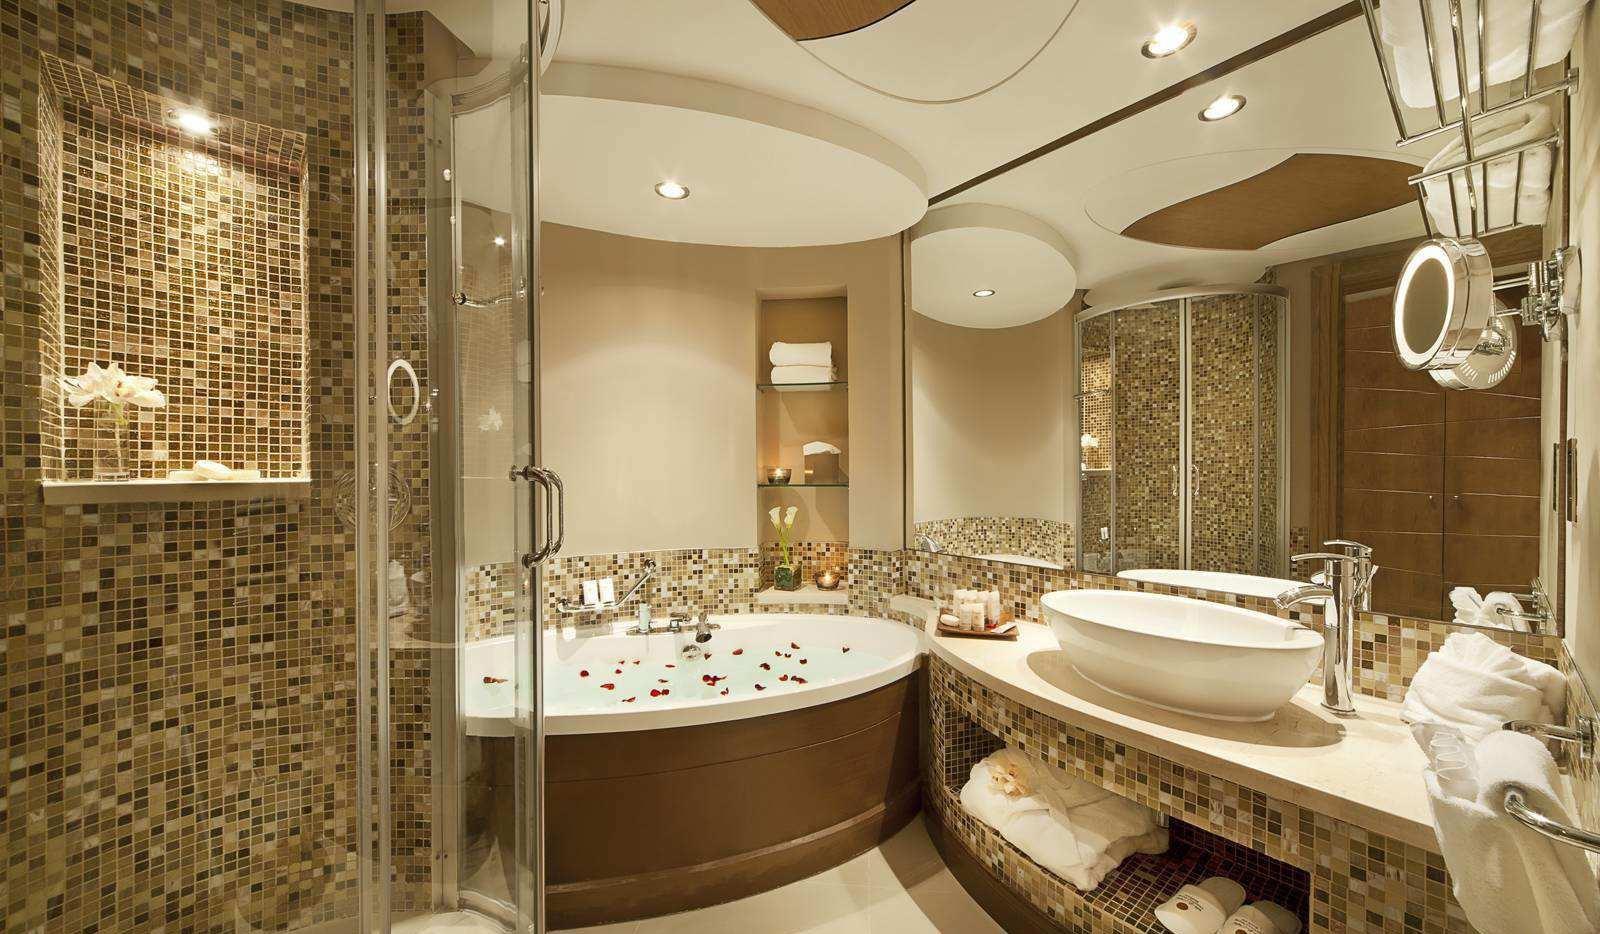 高档宾馆卫生间装修效果图片